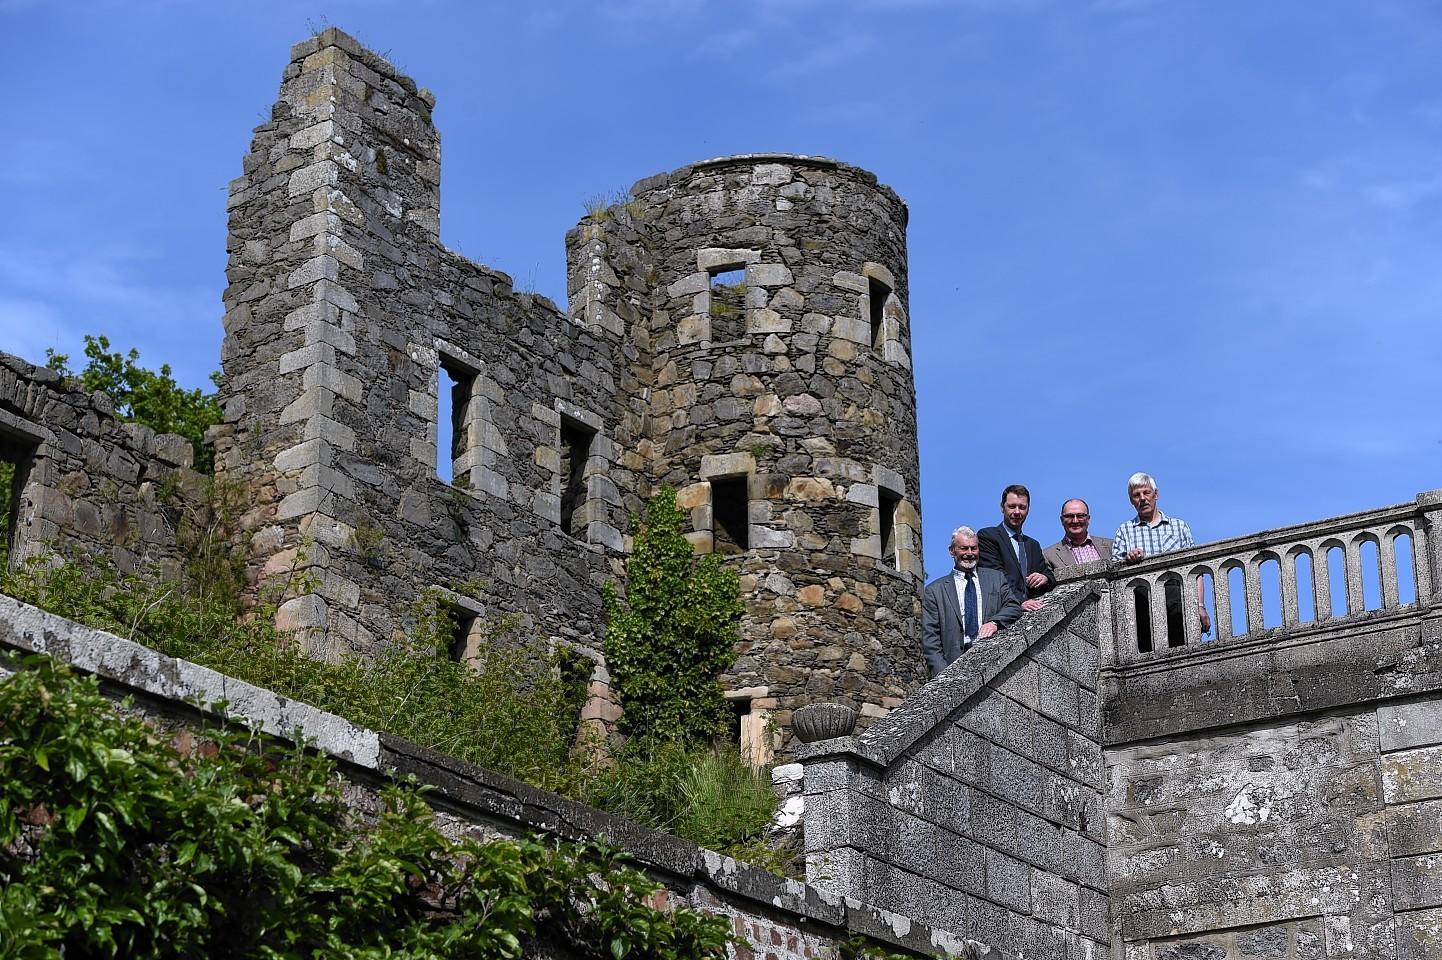 Ellon's secret Castle Gardens